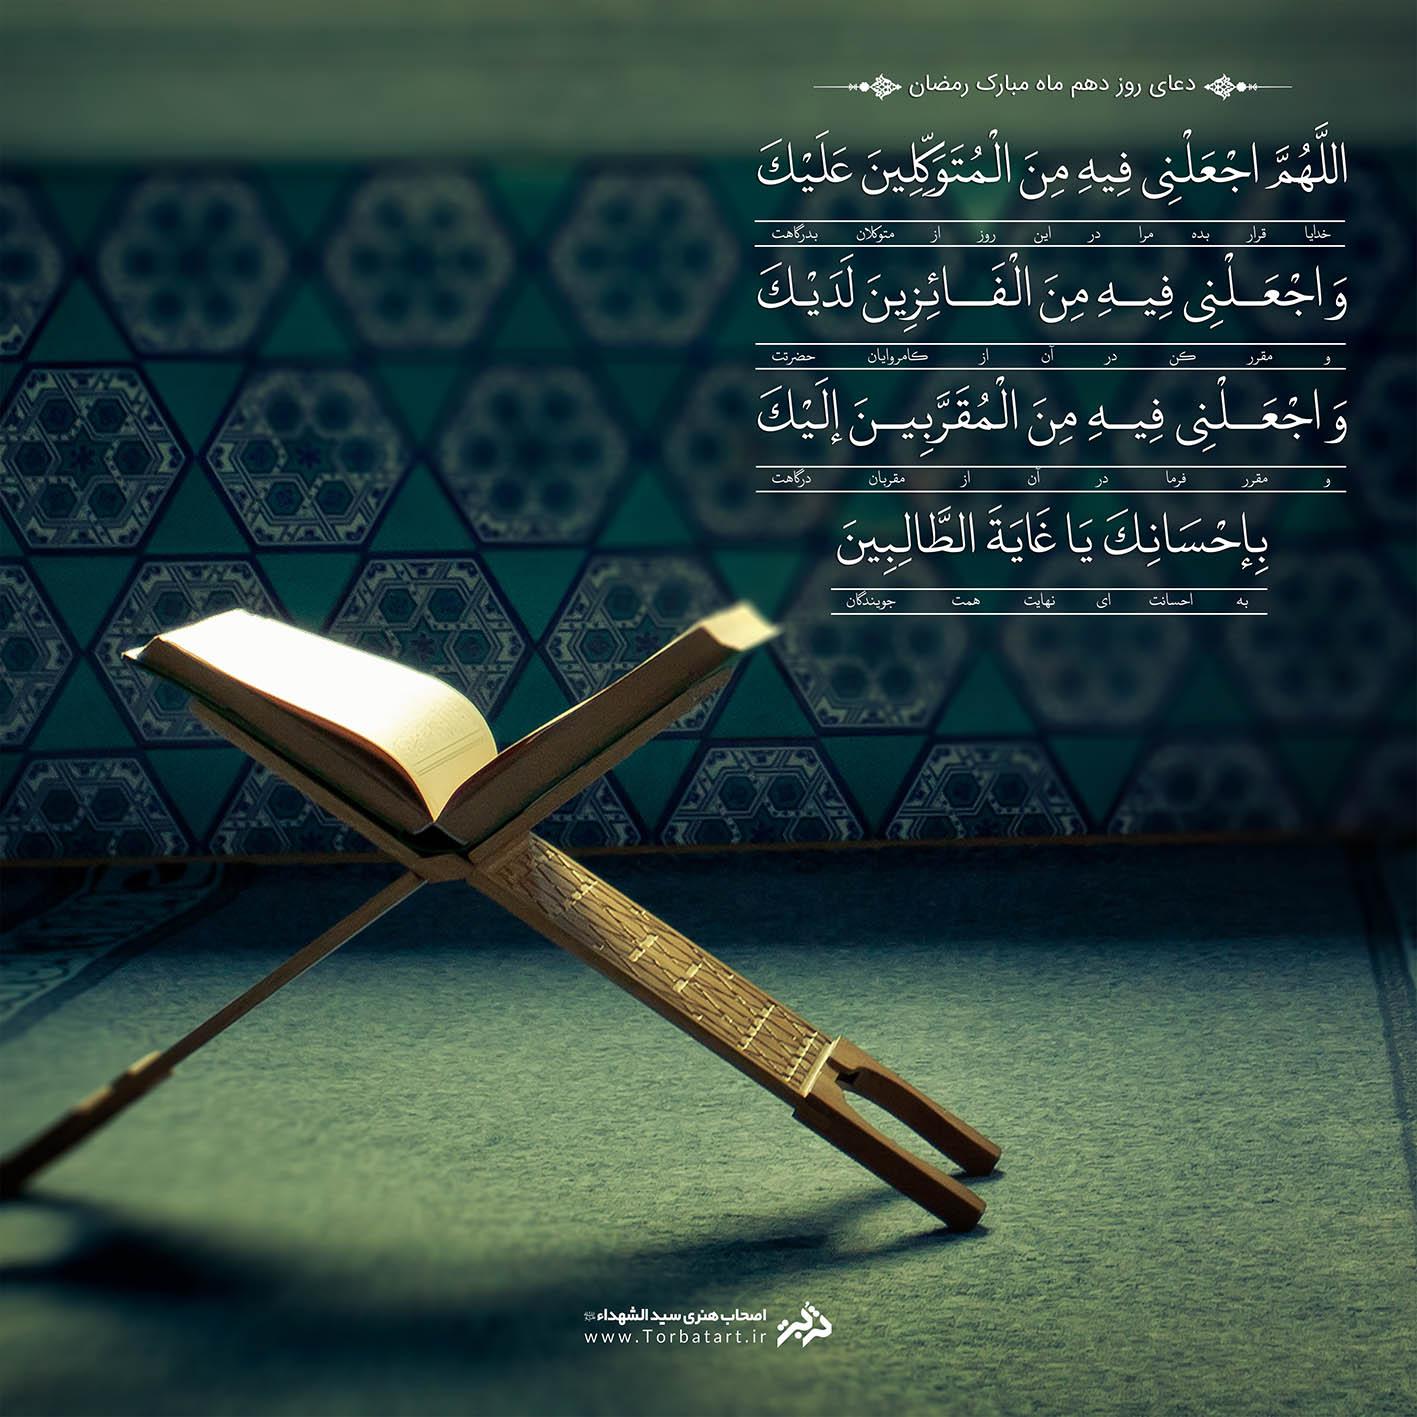 دعای روز دهم ماه مبارک رمضان